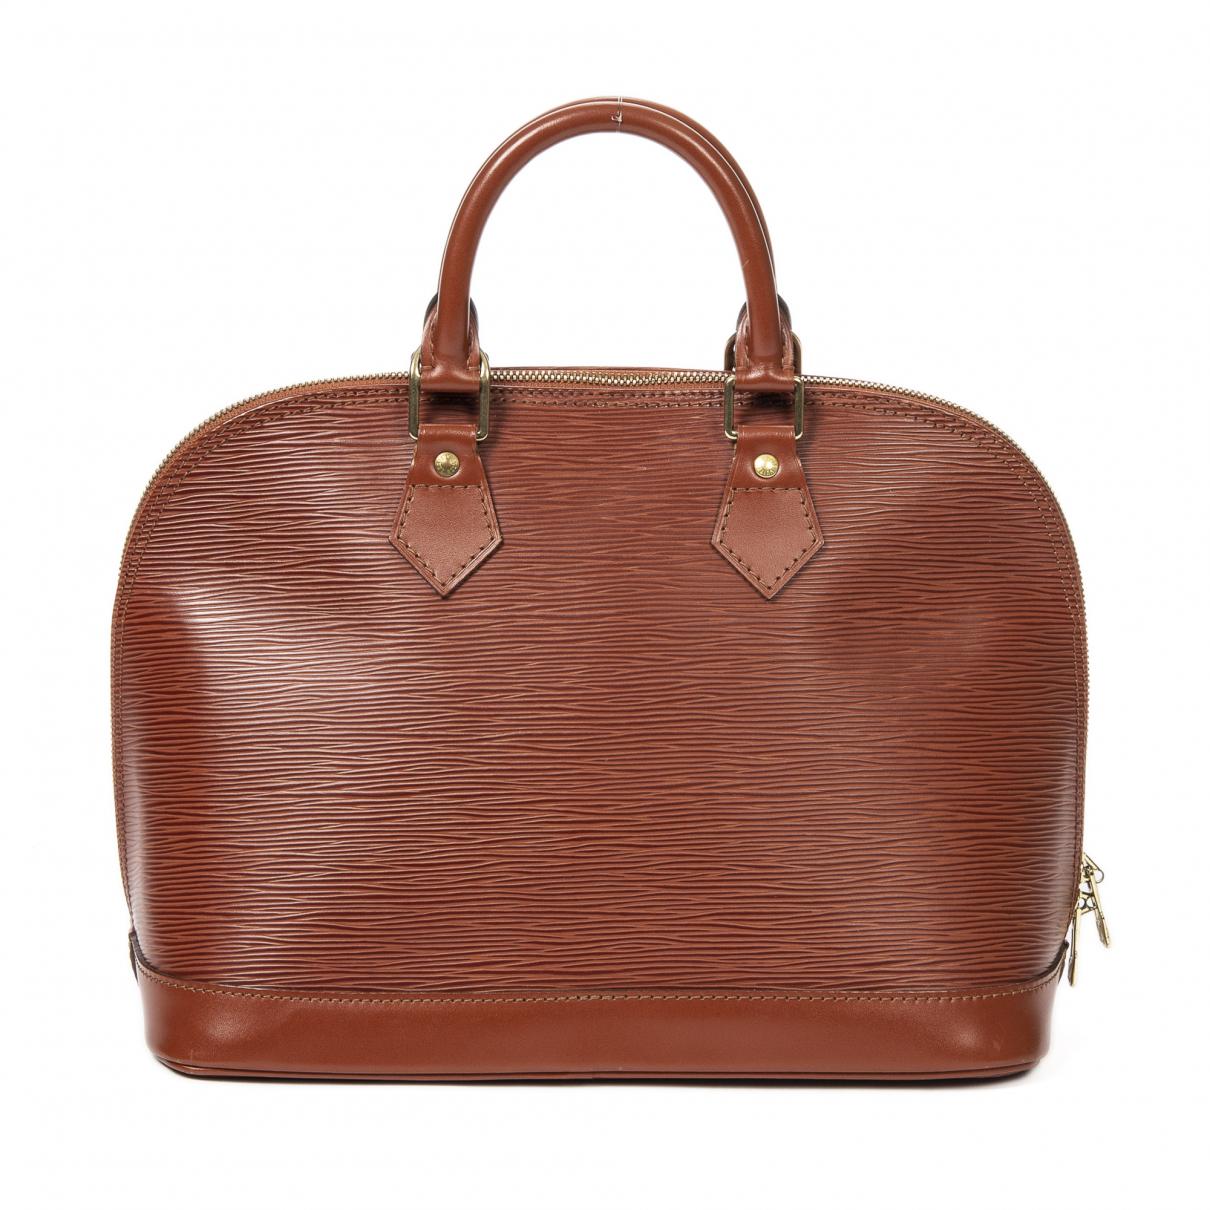 Louis Vuitton - Sac a main Alma pour femme en cuir - kaki